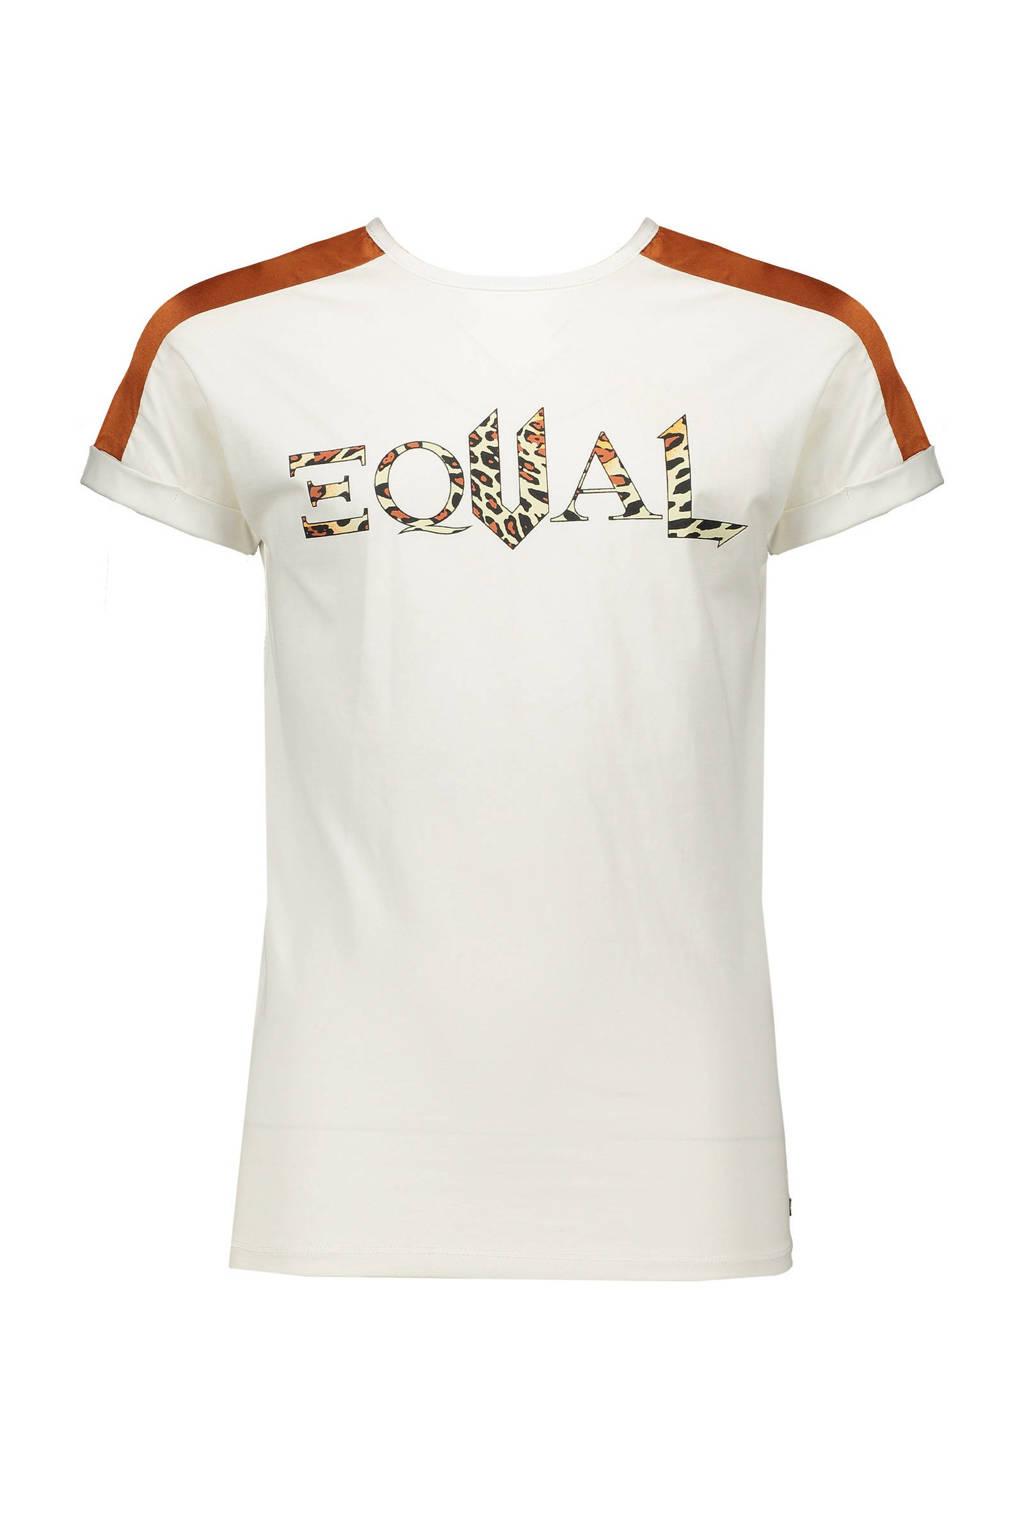 NoBell' T-shirt Kamy met contrastbies wit/roestbruin/zwart, Wit/roestbruin/zwart